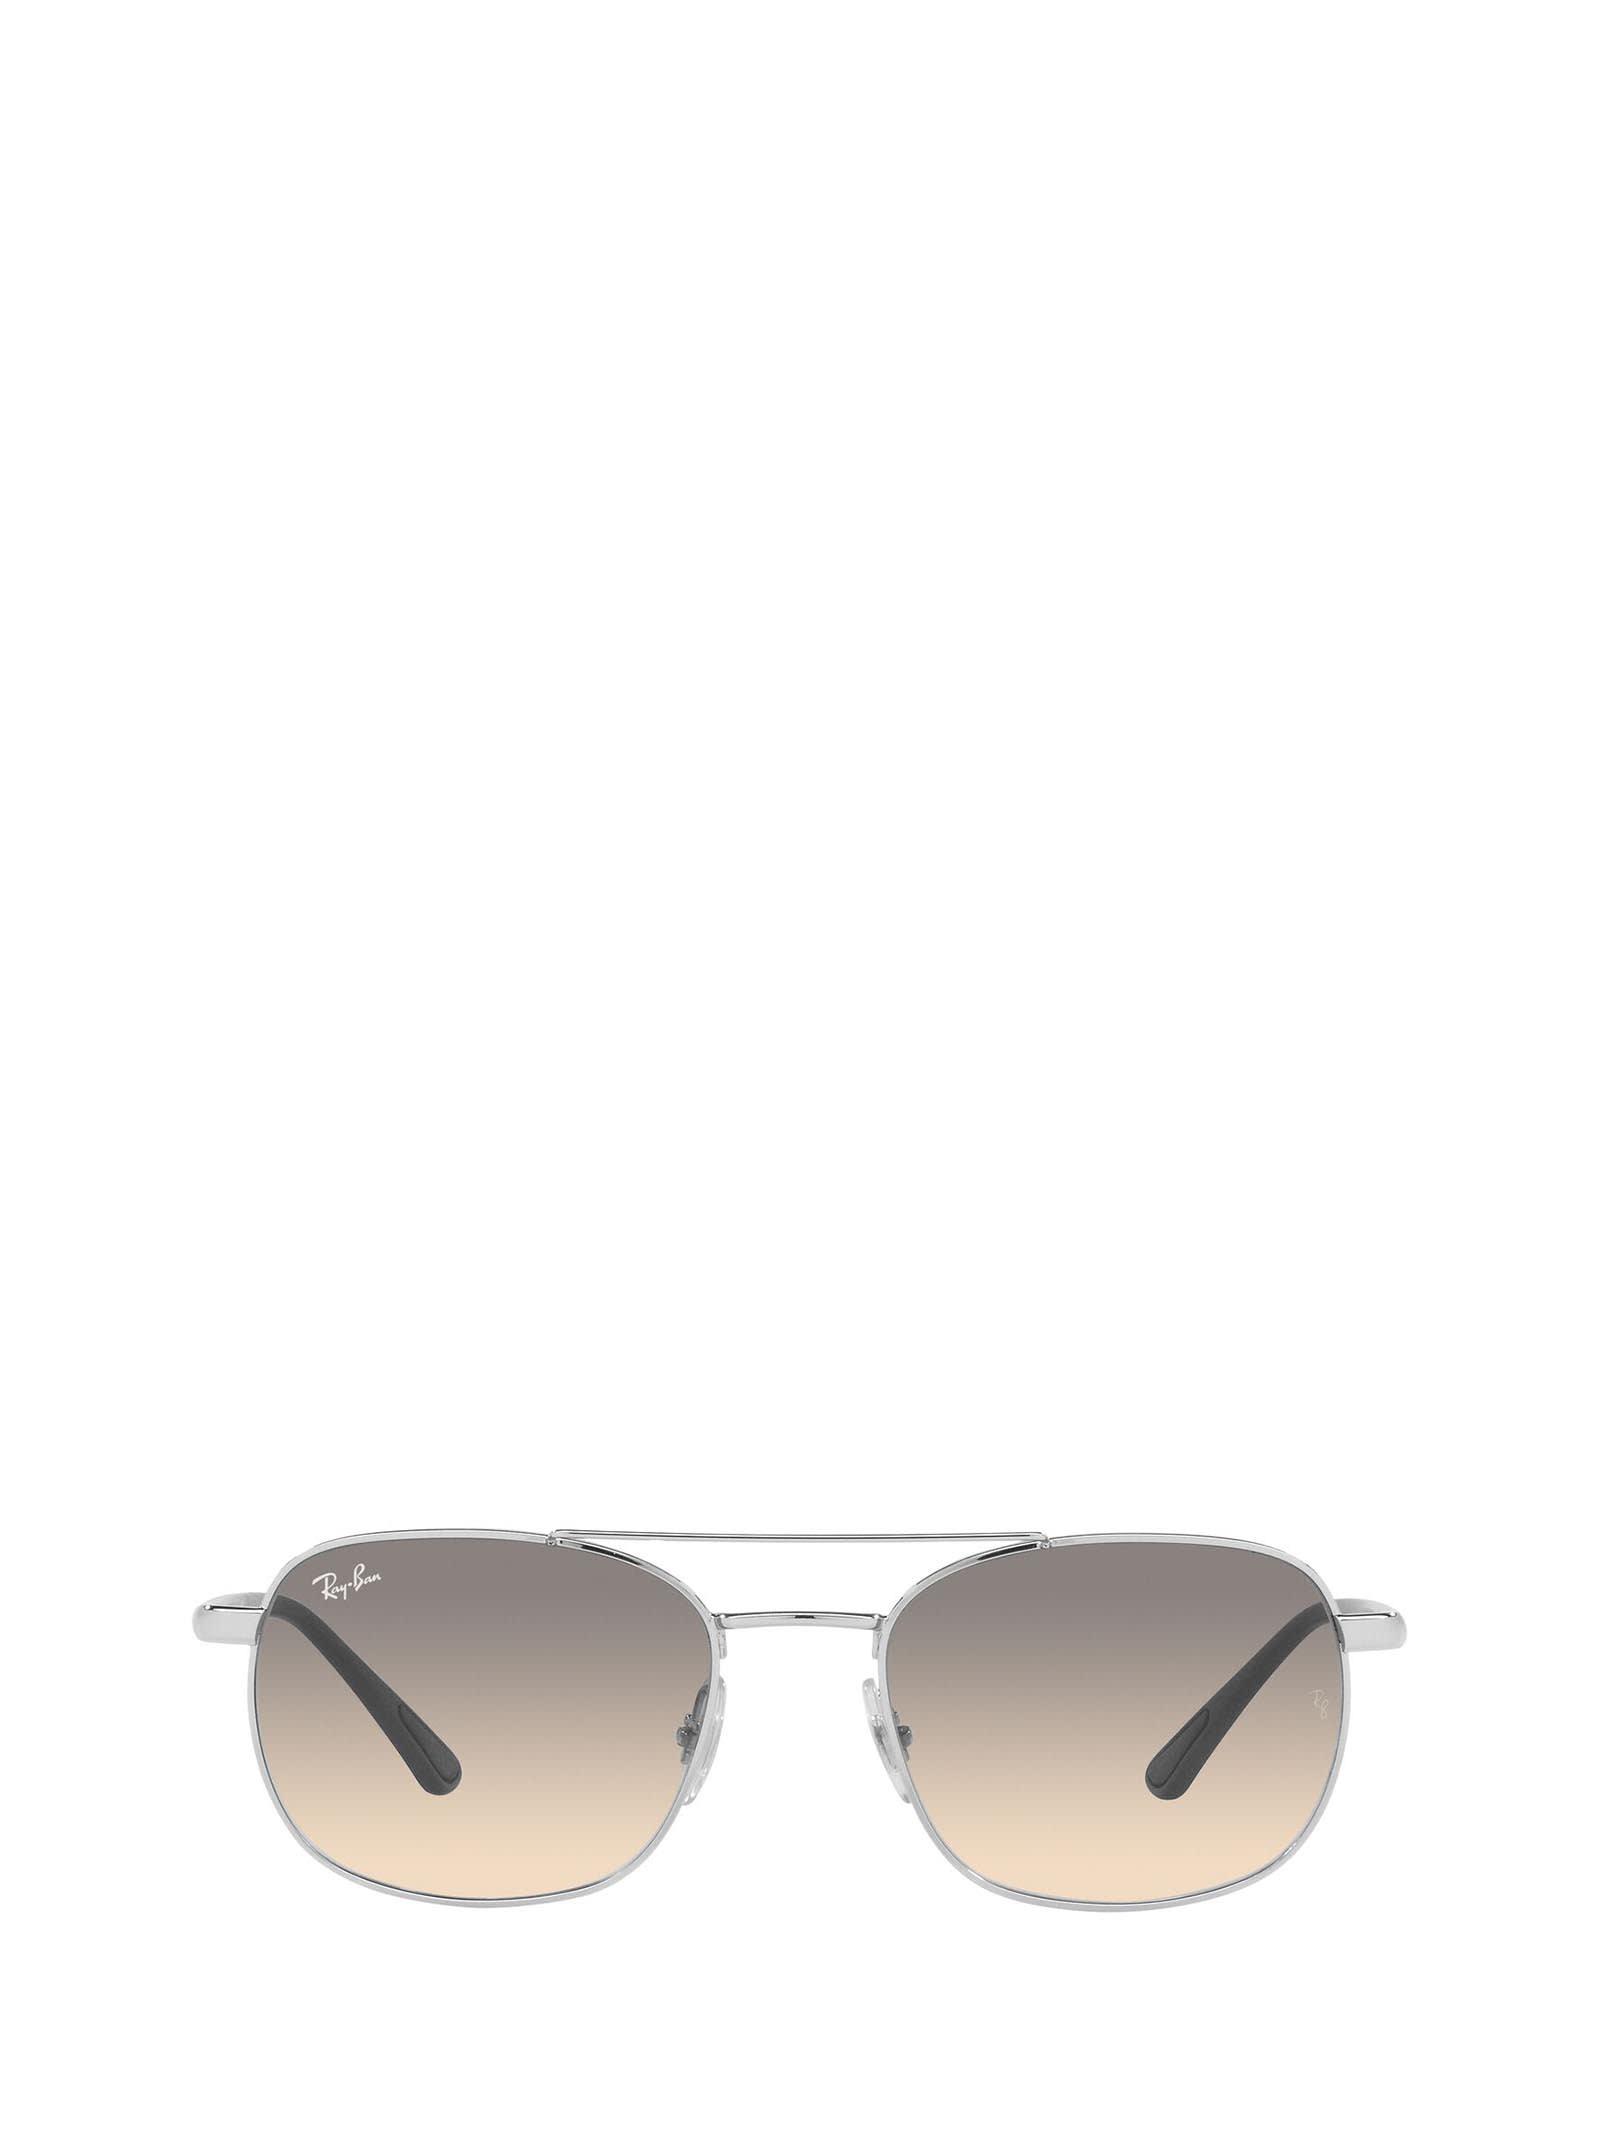 Ray-Ban Ray-ban Rb3670 Silver Sunglasses